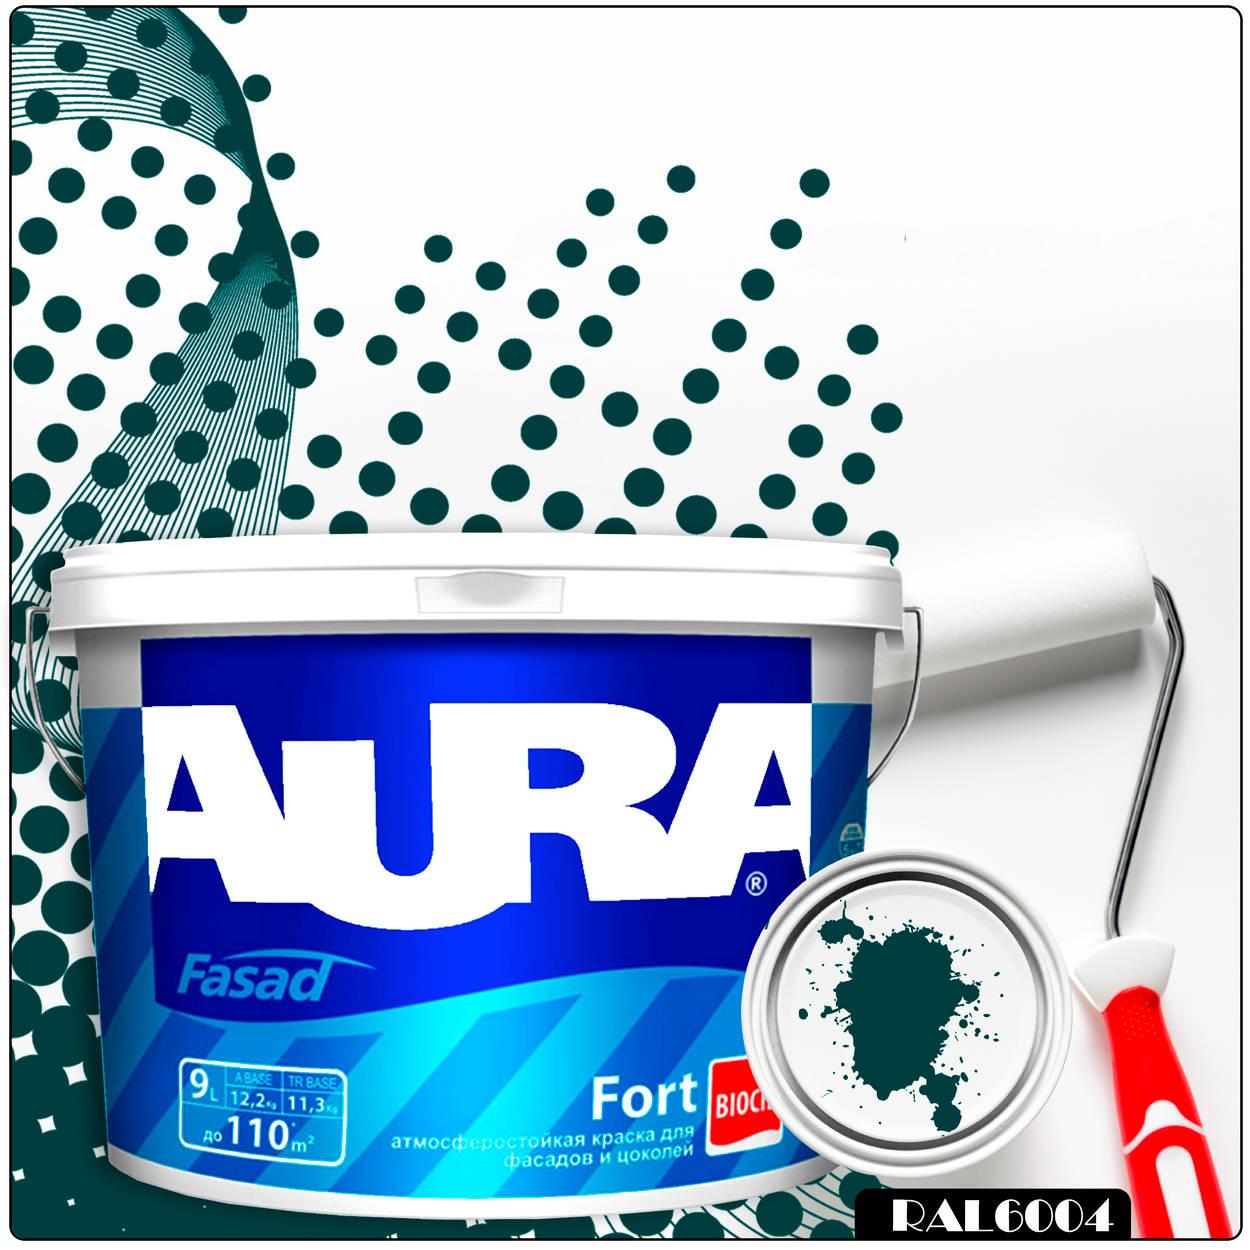 Фото 5 - Краска Aura Fasad Fort, RAL 6004 Сине-зеленый, латексная, матовая, для фасада и цоколей, 9л, Аура.